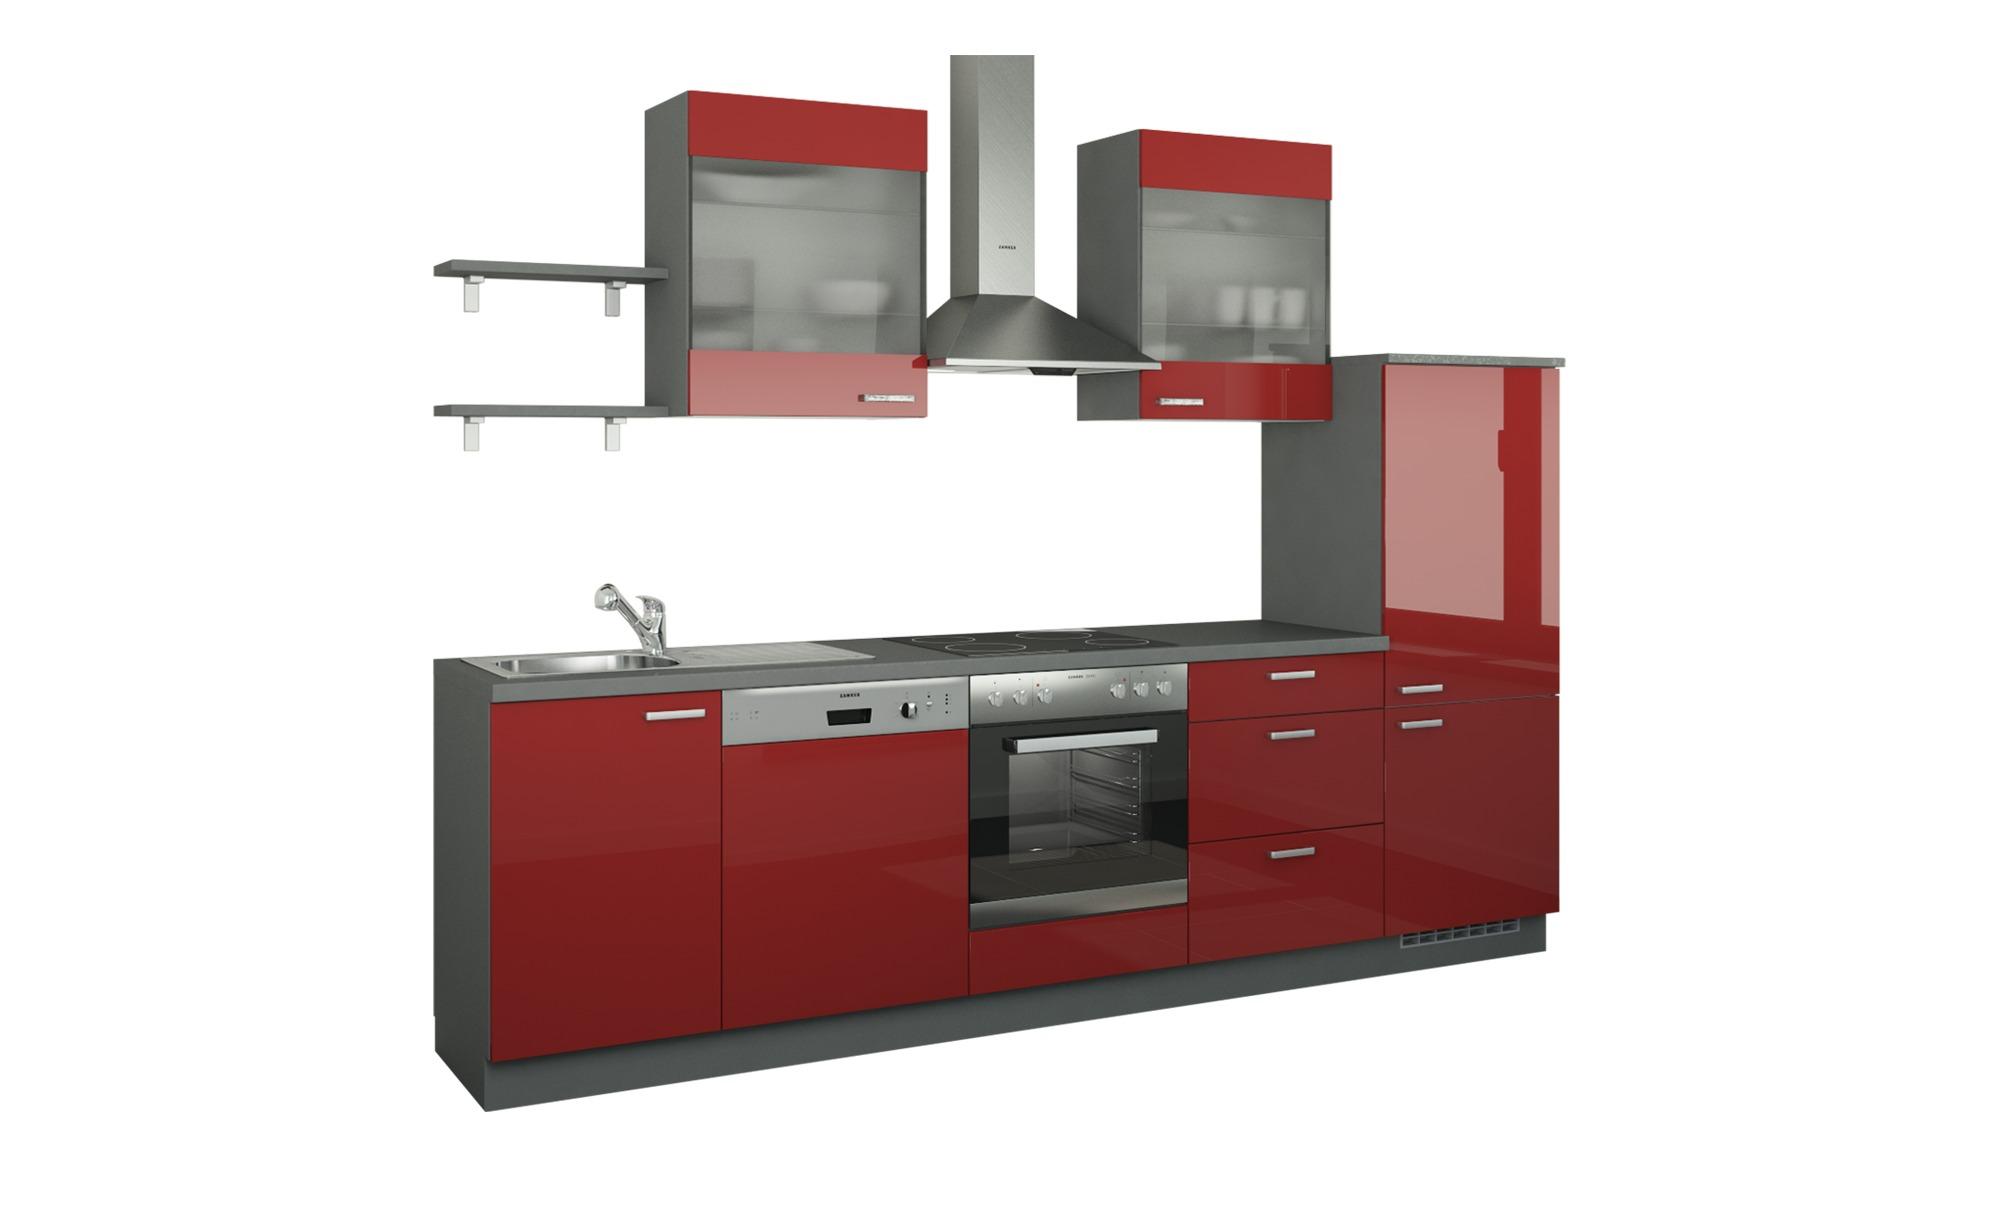 Küchenzeile ohne Elektrogeräte  Hamburg ¦ rot ¦ Maße (cm): B: 290 Küchen > Küchenblöcke ohne E-Geräte - Höffner | Küche und Esszimmer > Küchen > Küchenzeilen | Möbel Höffner DE